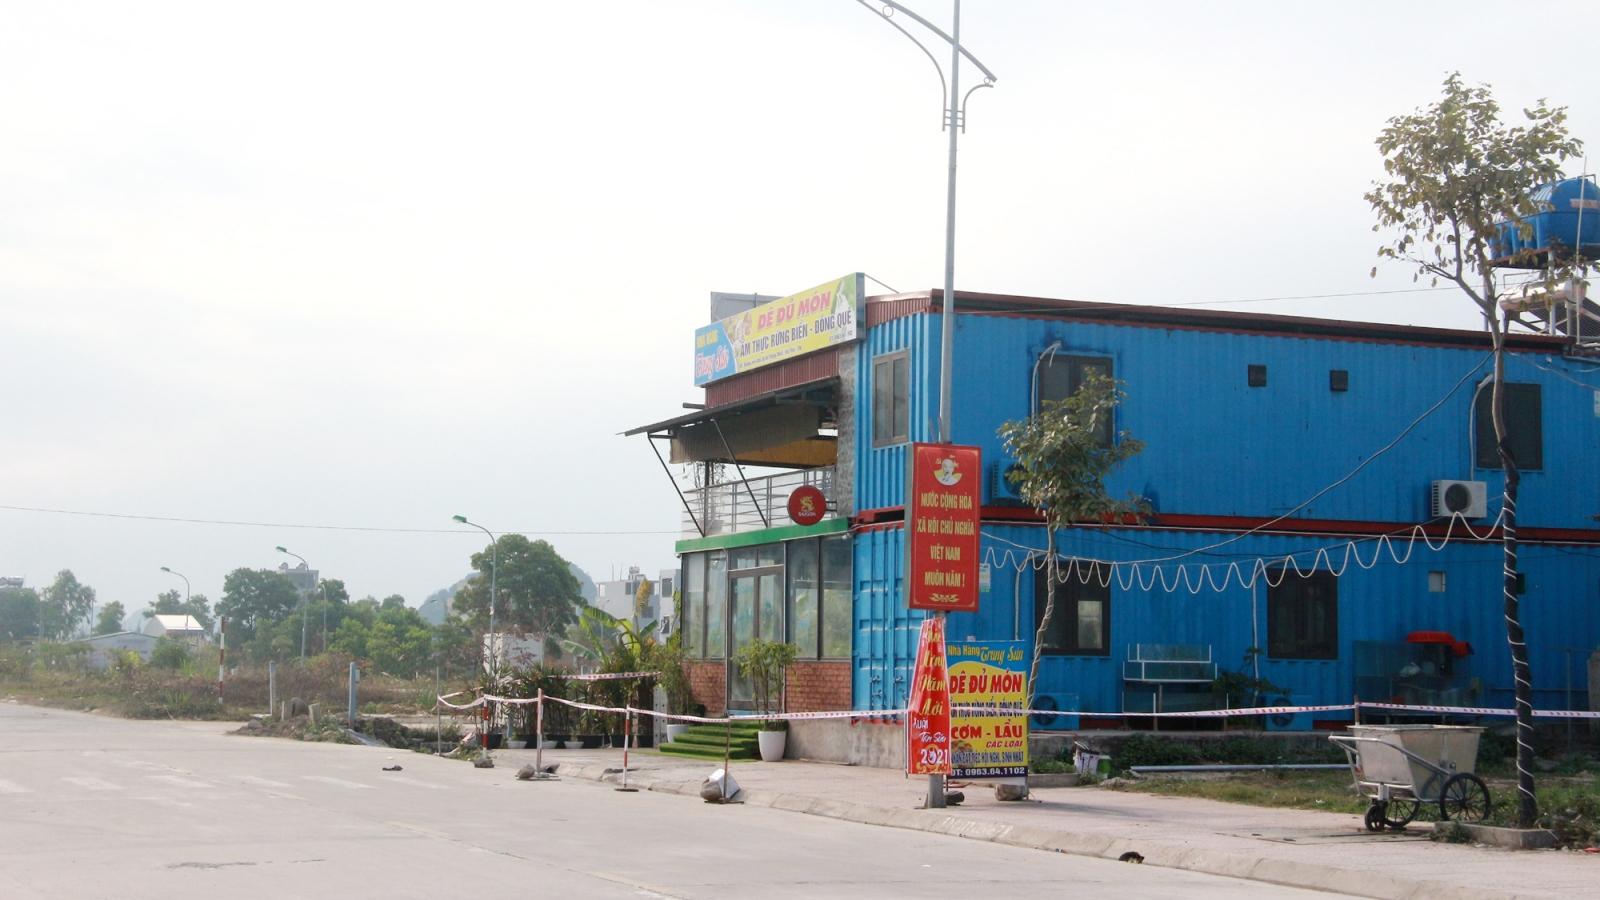 Quảng Ninh giãn cách xã hội huyện Vân Đồn, phong tỏa tạm thời thị trấn Cái Rồng